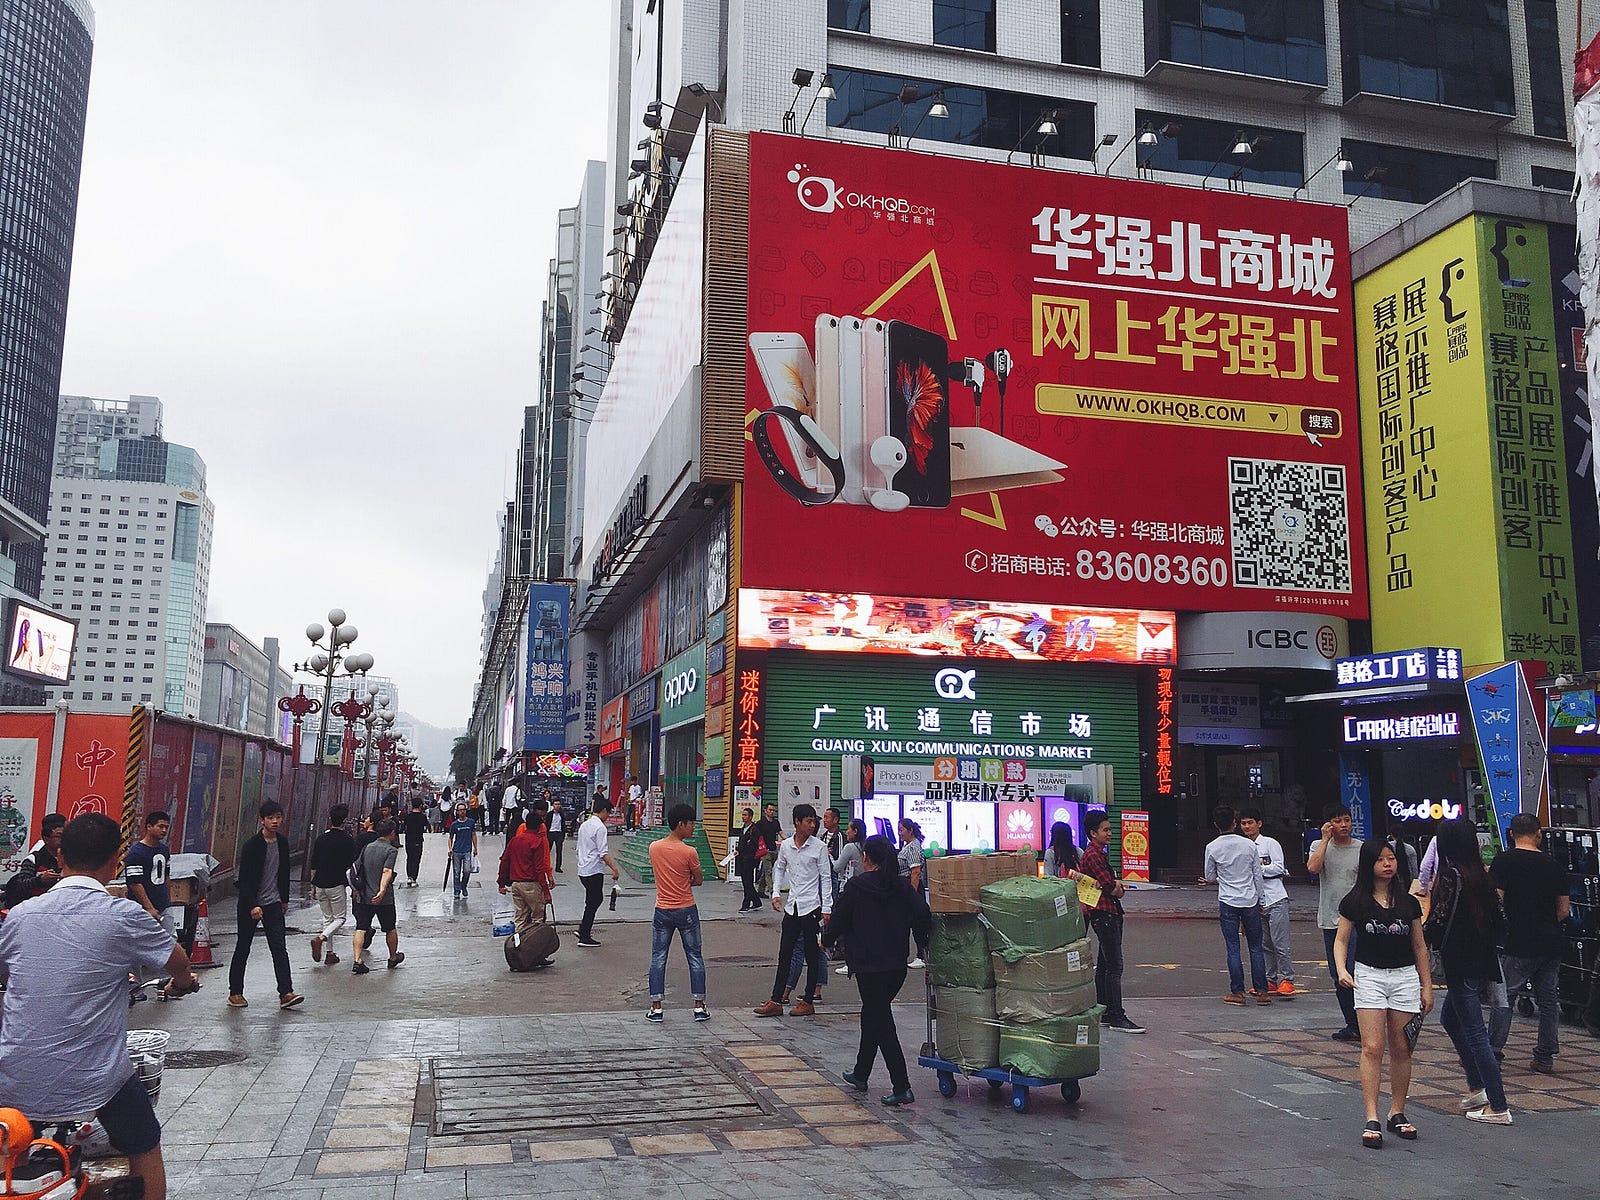 中國 深圳に行ってきました(11) / 山寨の聖地 世界最大の電気街 華強北 その1 – Hardware is Hard – Medium